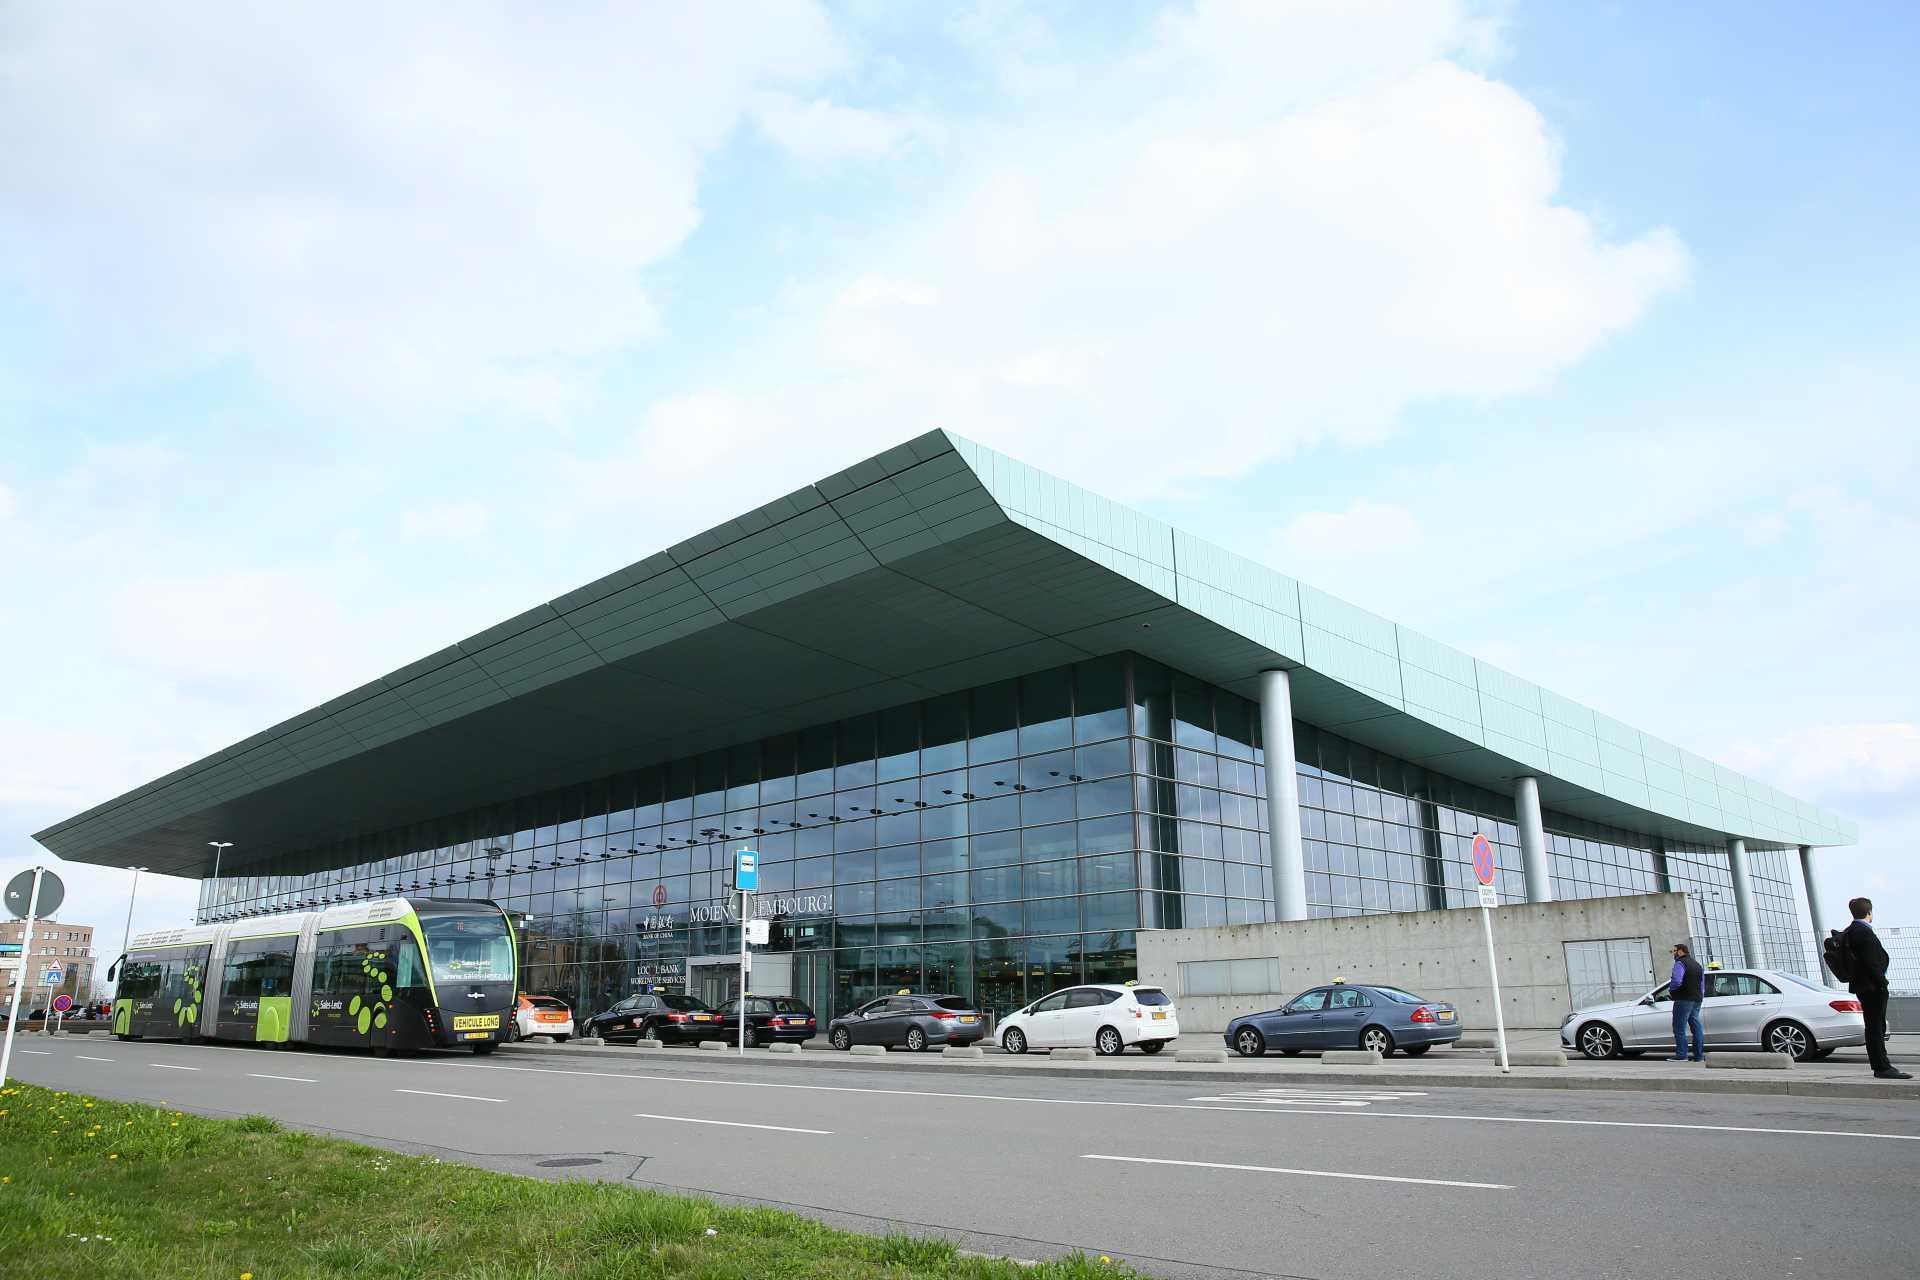 Flughafen Luxemburg Terminal